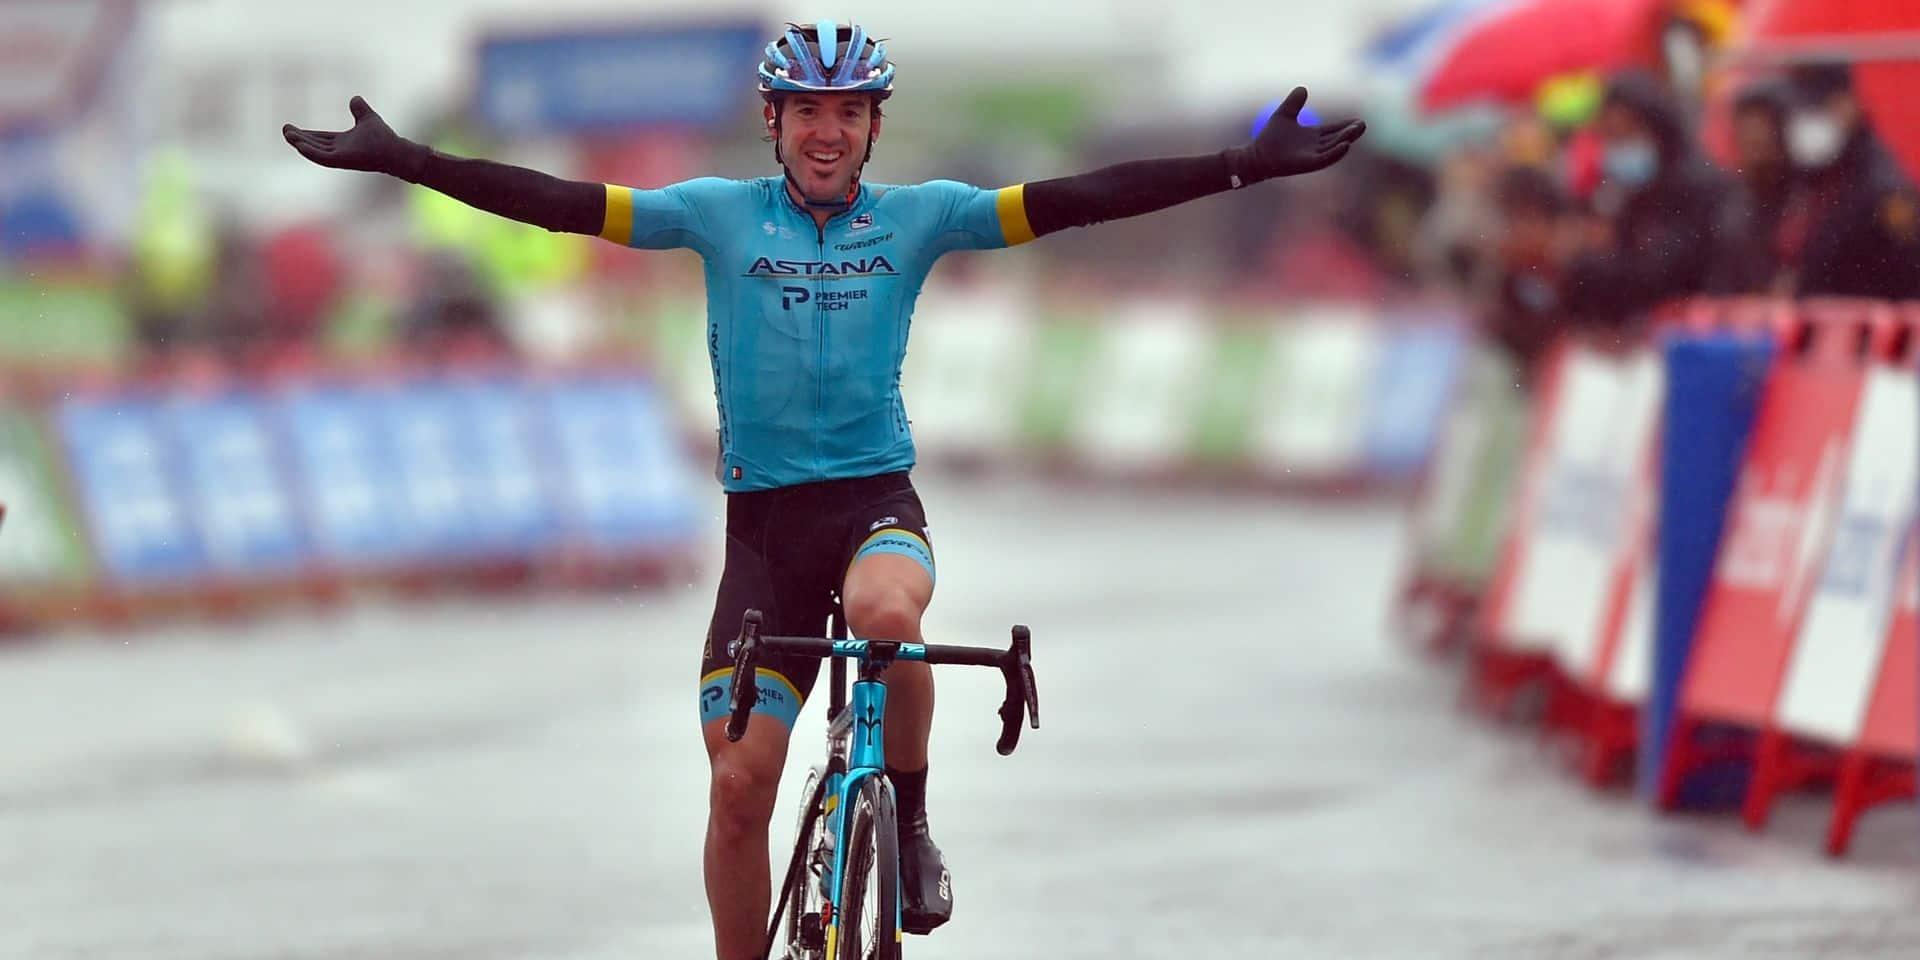 Vuelta: Ion Izagirre s'offre l'étape, Carapaz prend le maillot rouge de leader à Roglic !